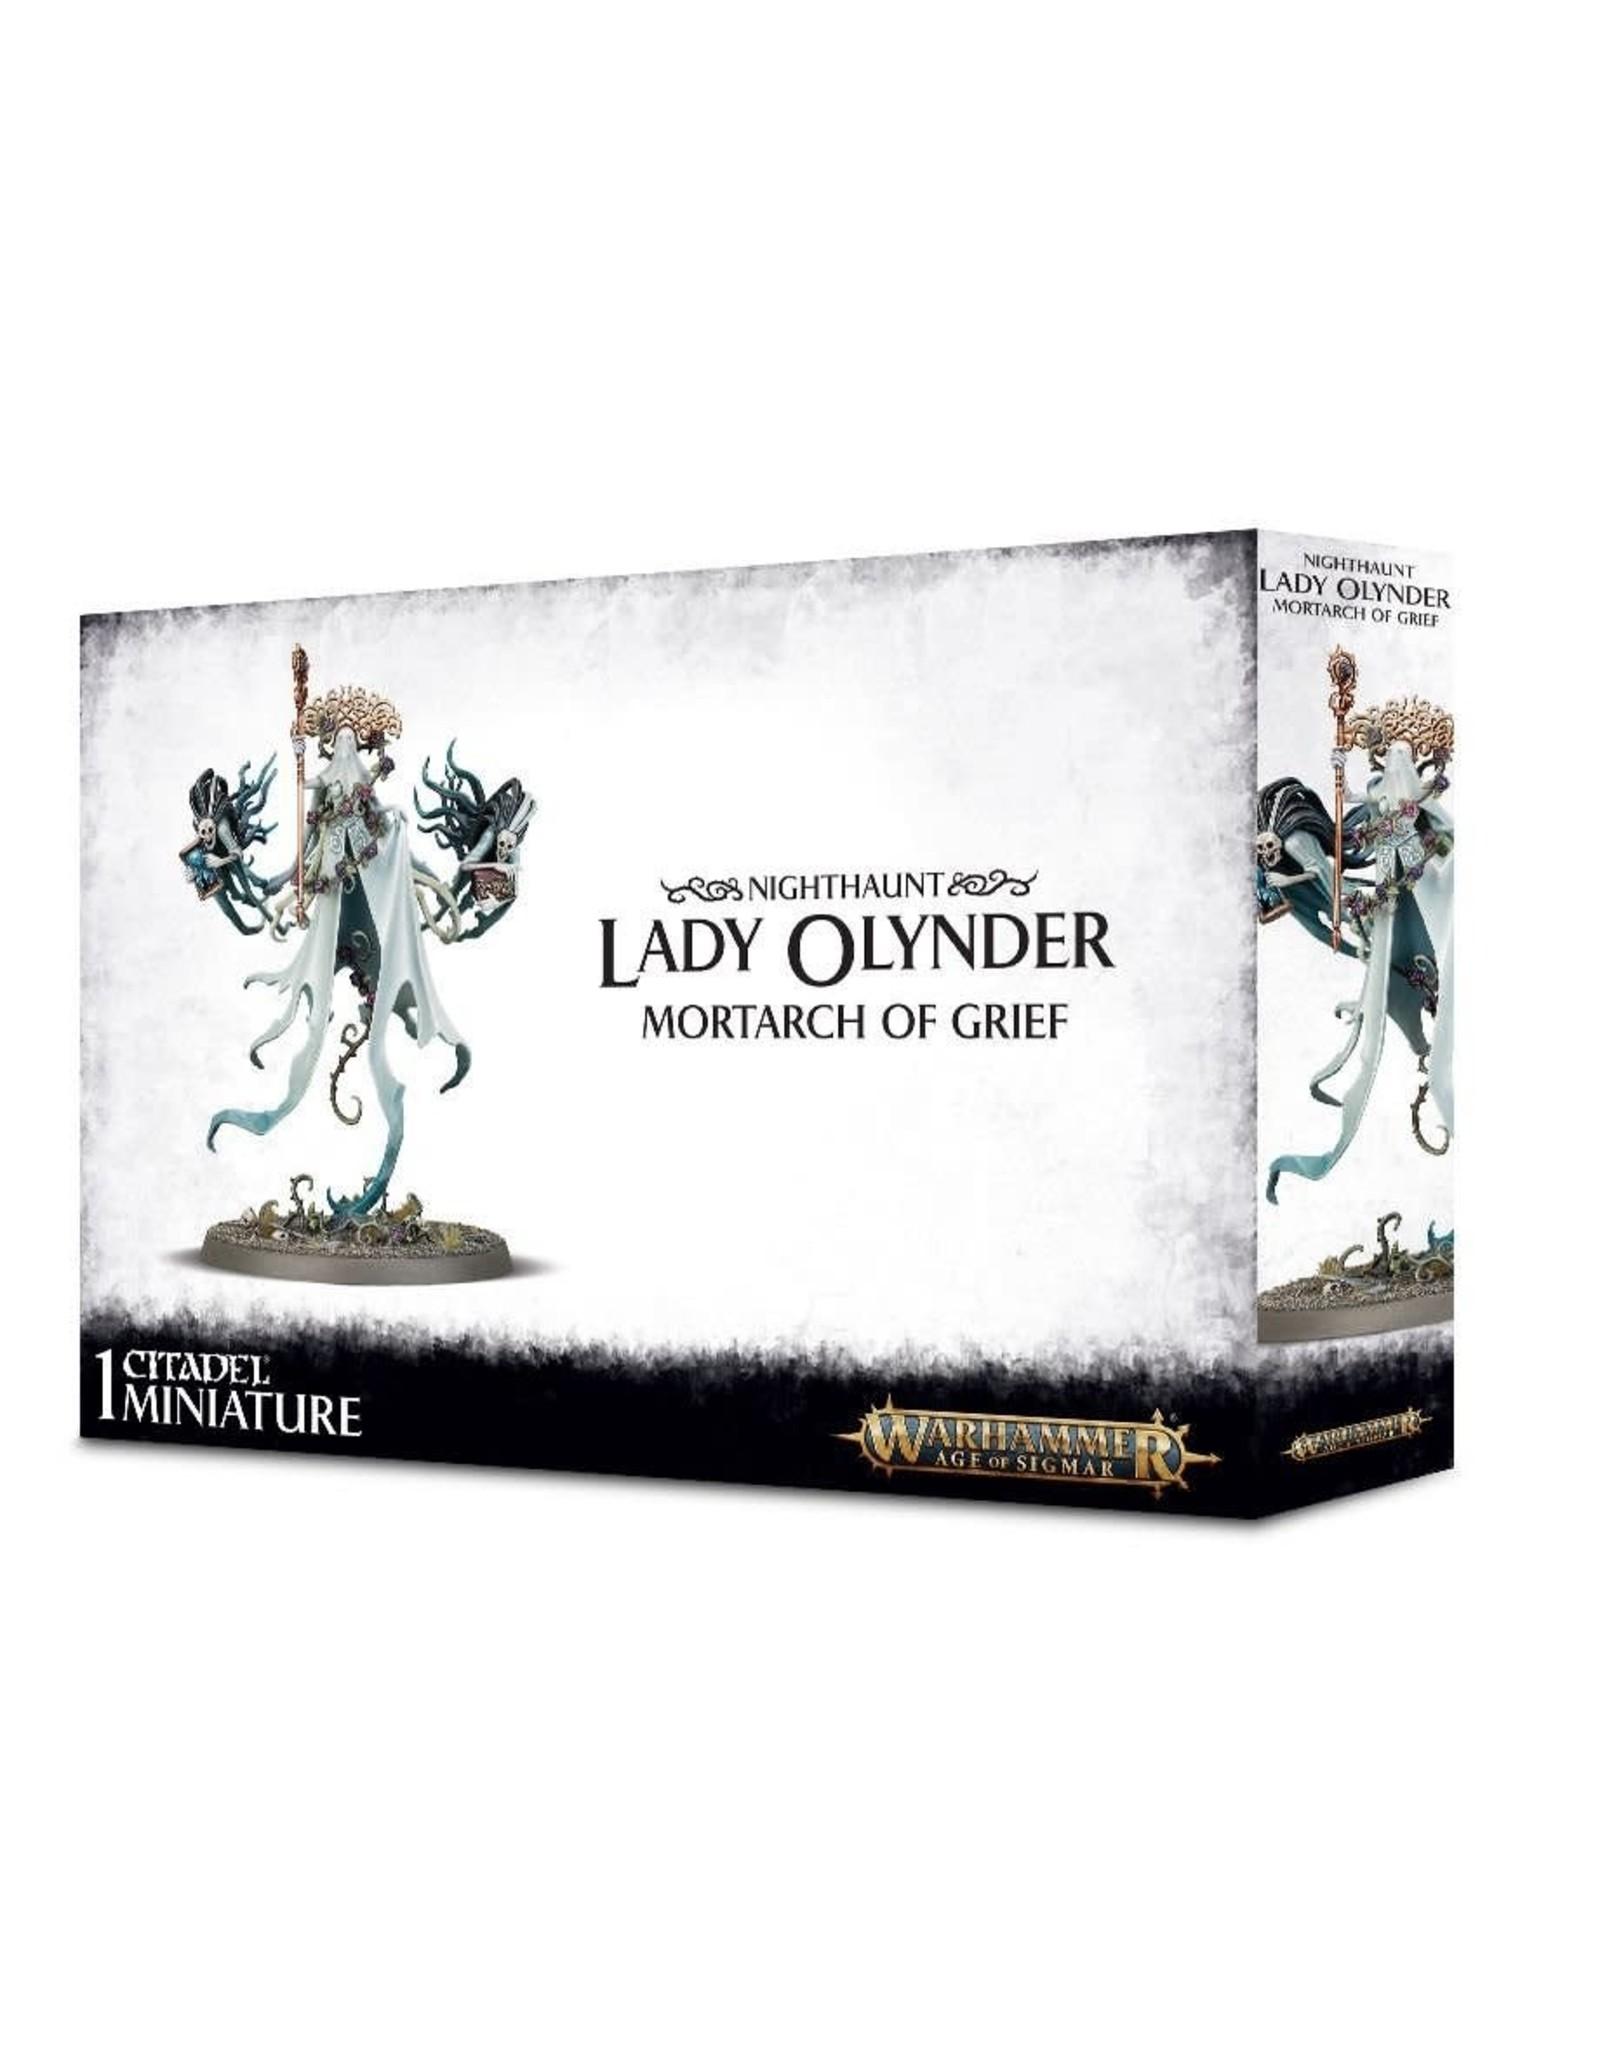 Games workshop NIGHTHAUNT LADY OLYNDER